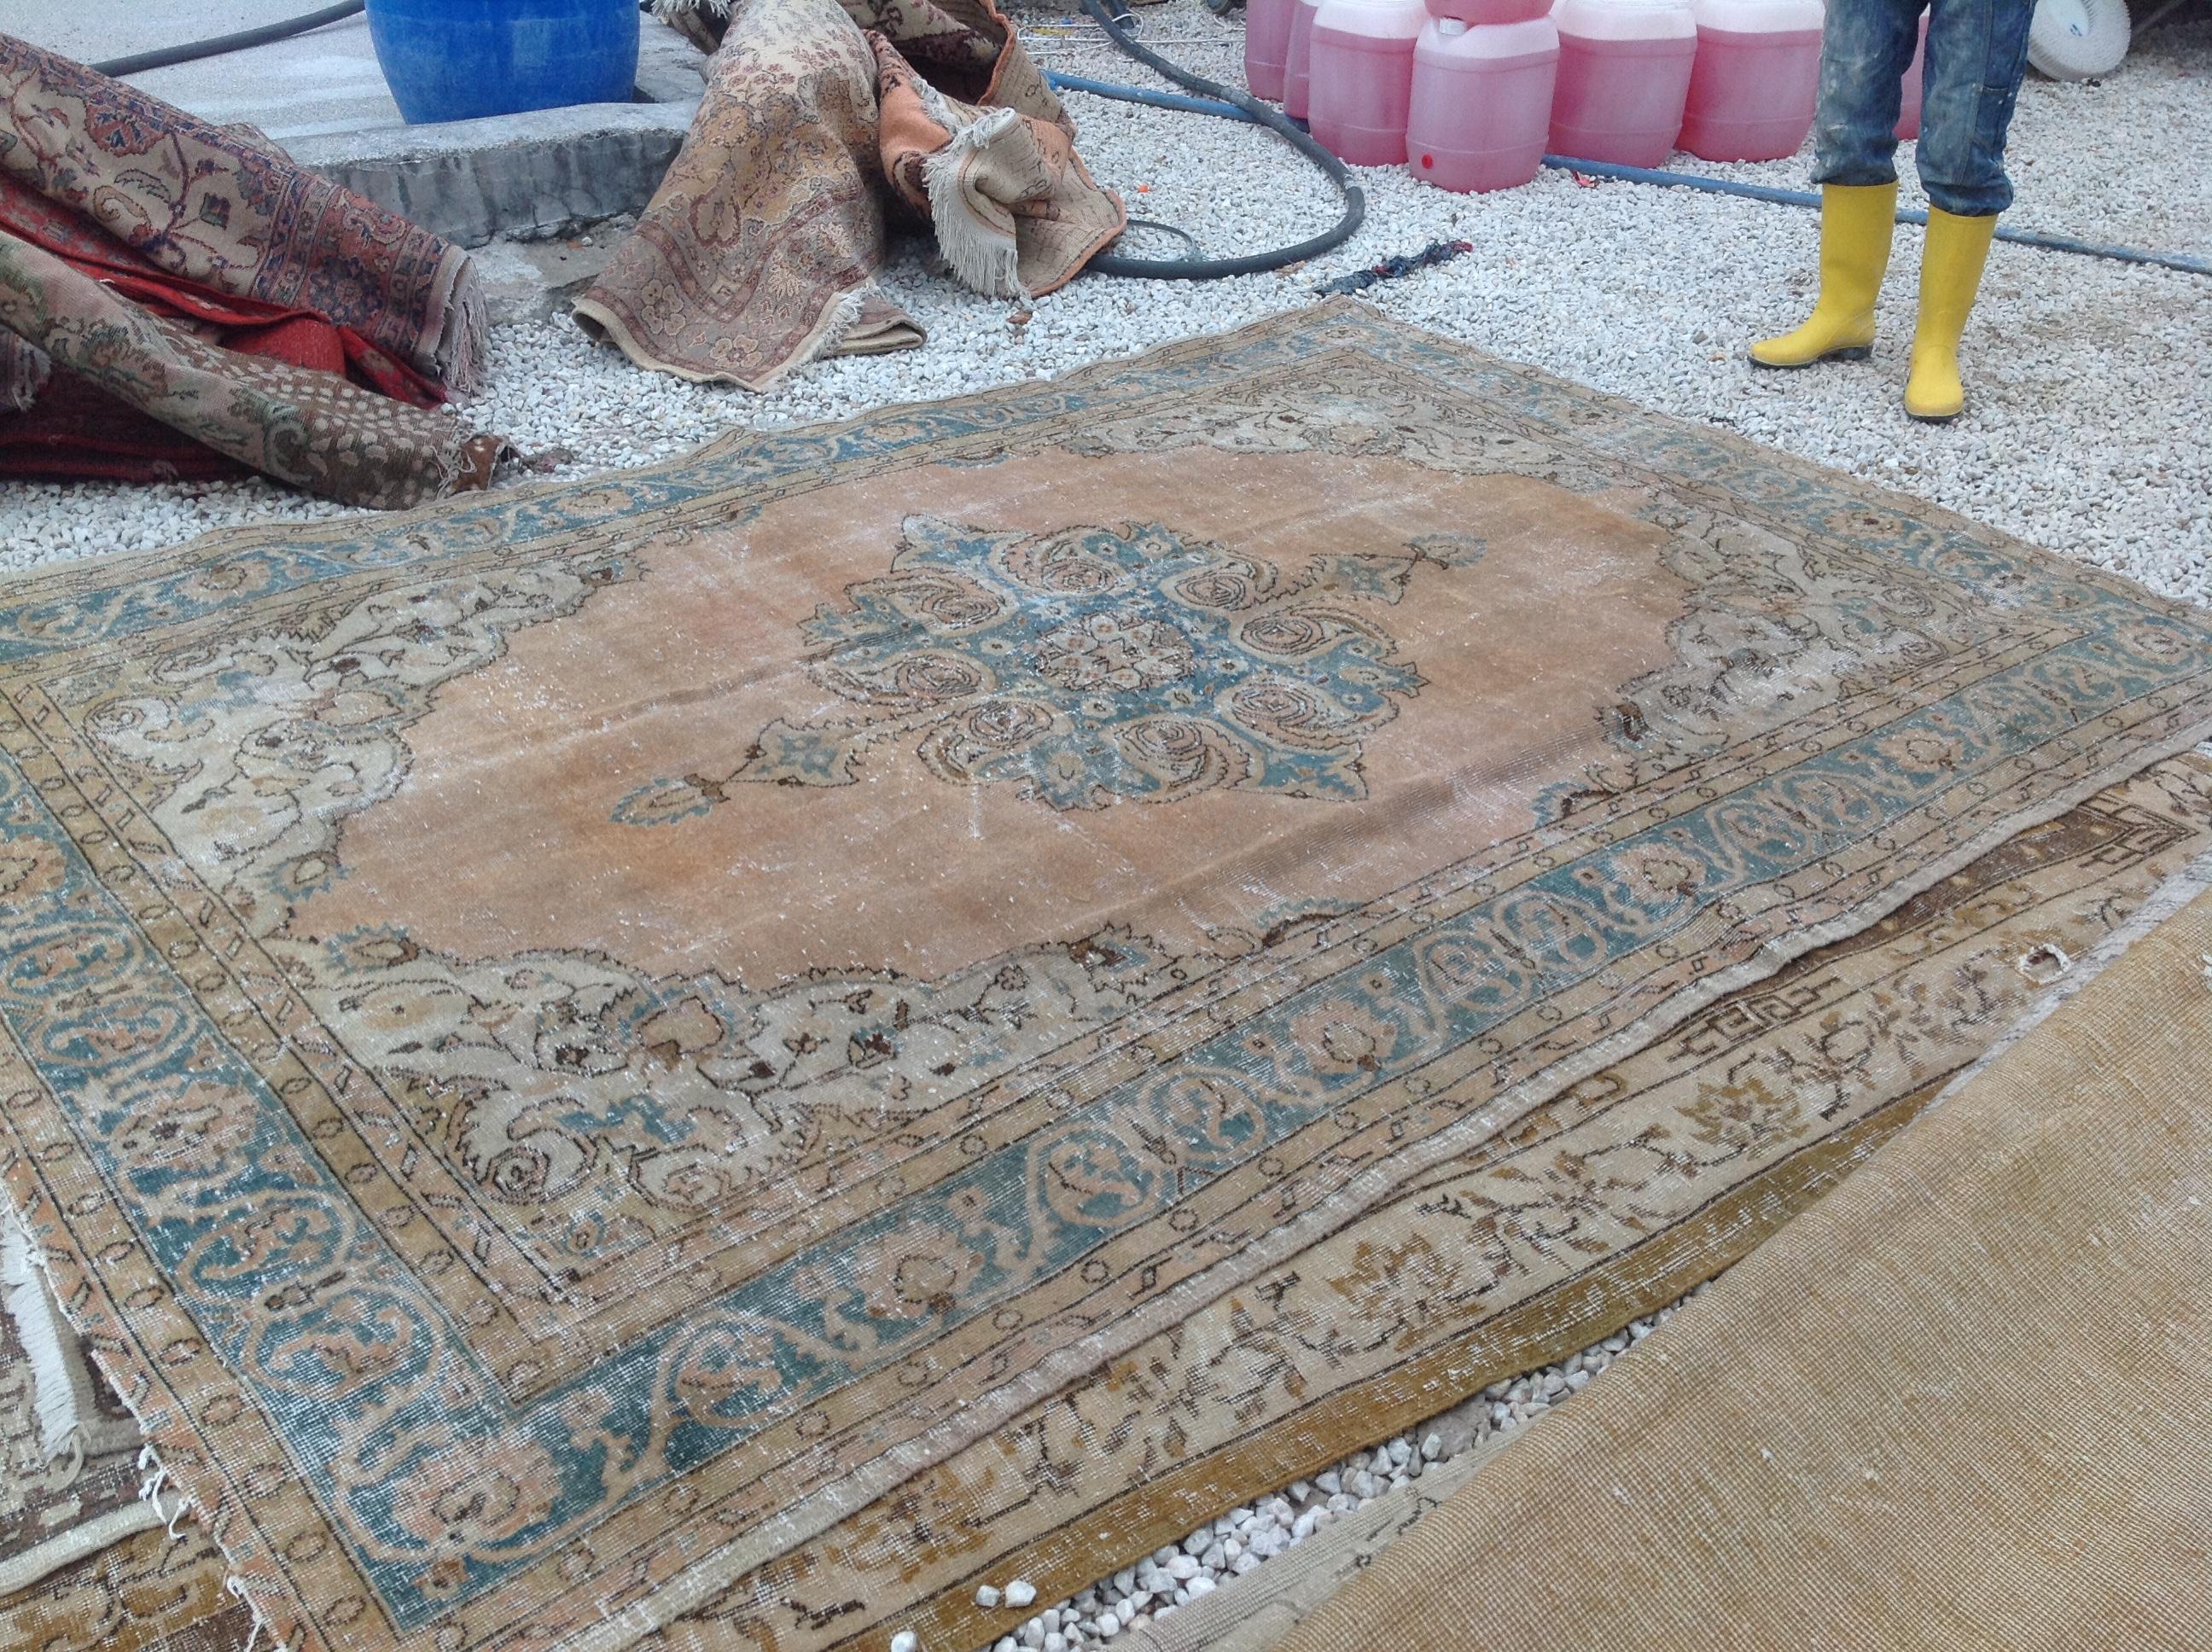 NIEUW INGEKOCHT vintage vloerkleed  uit Turkije 310cm x 211cm, no 4619  LEVERBAAR VANAF 15 DECEMBER